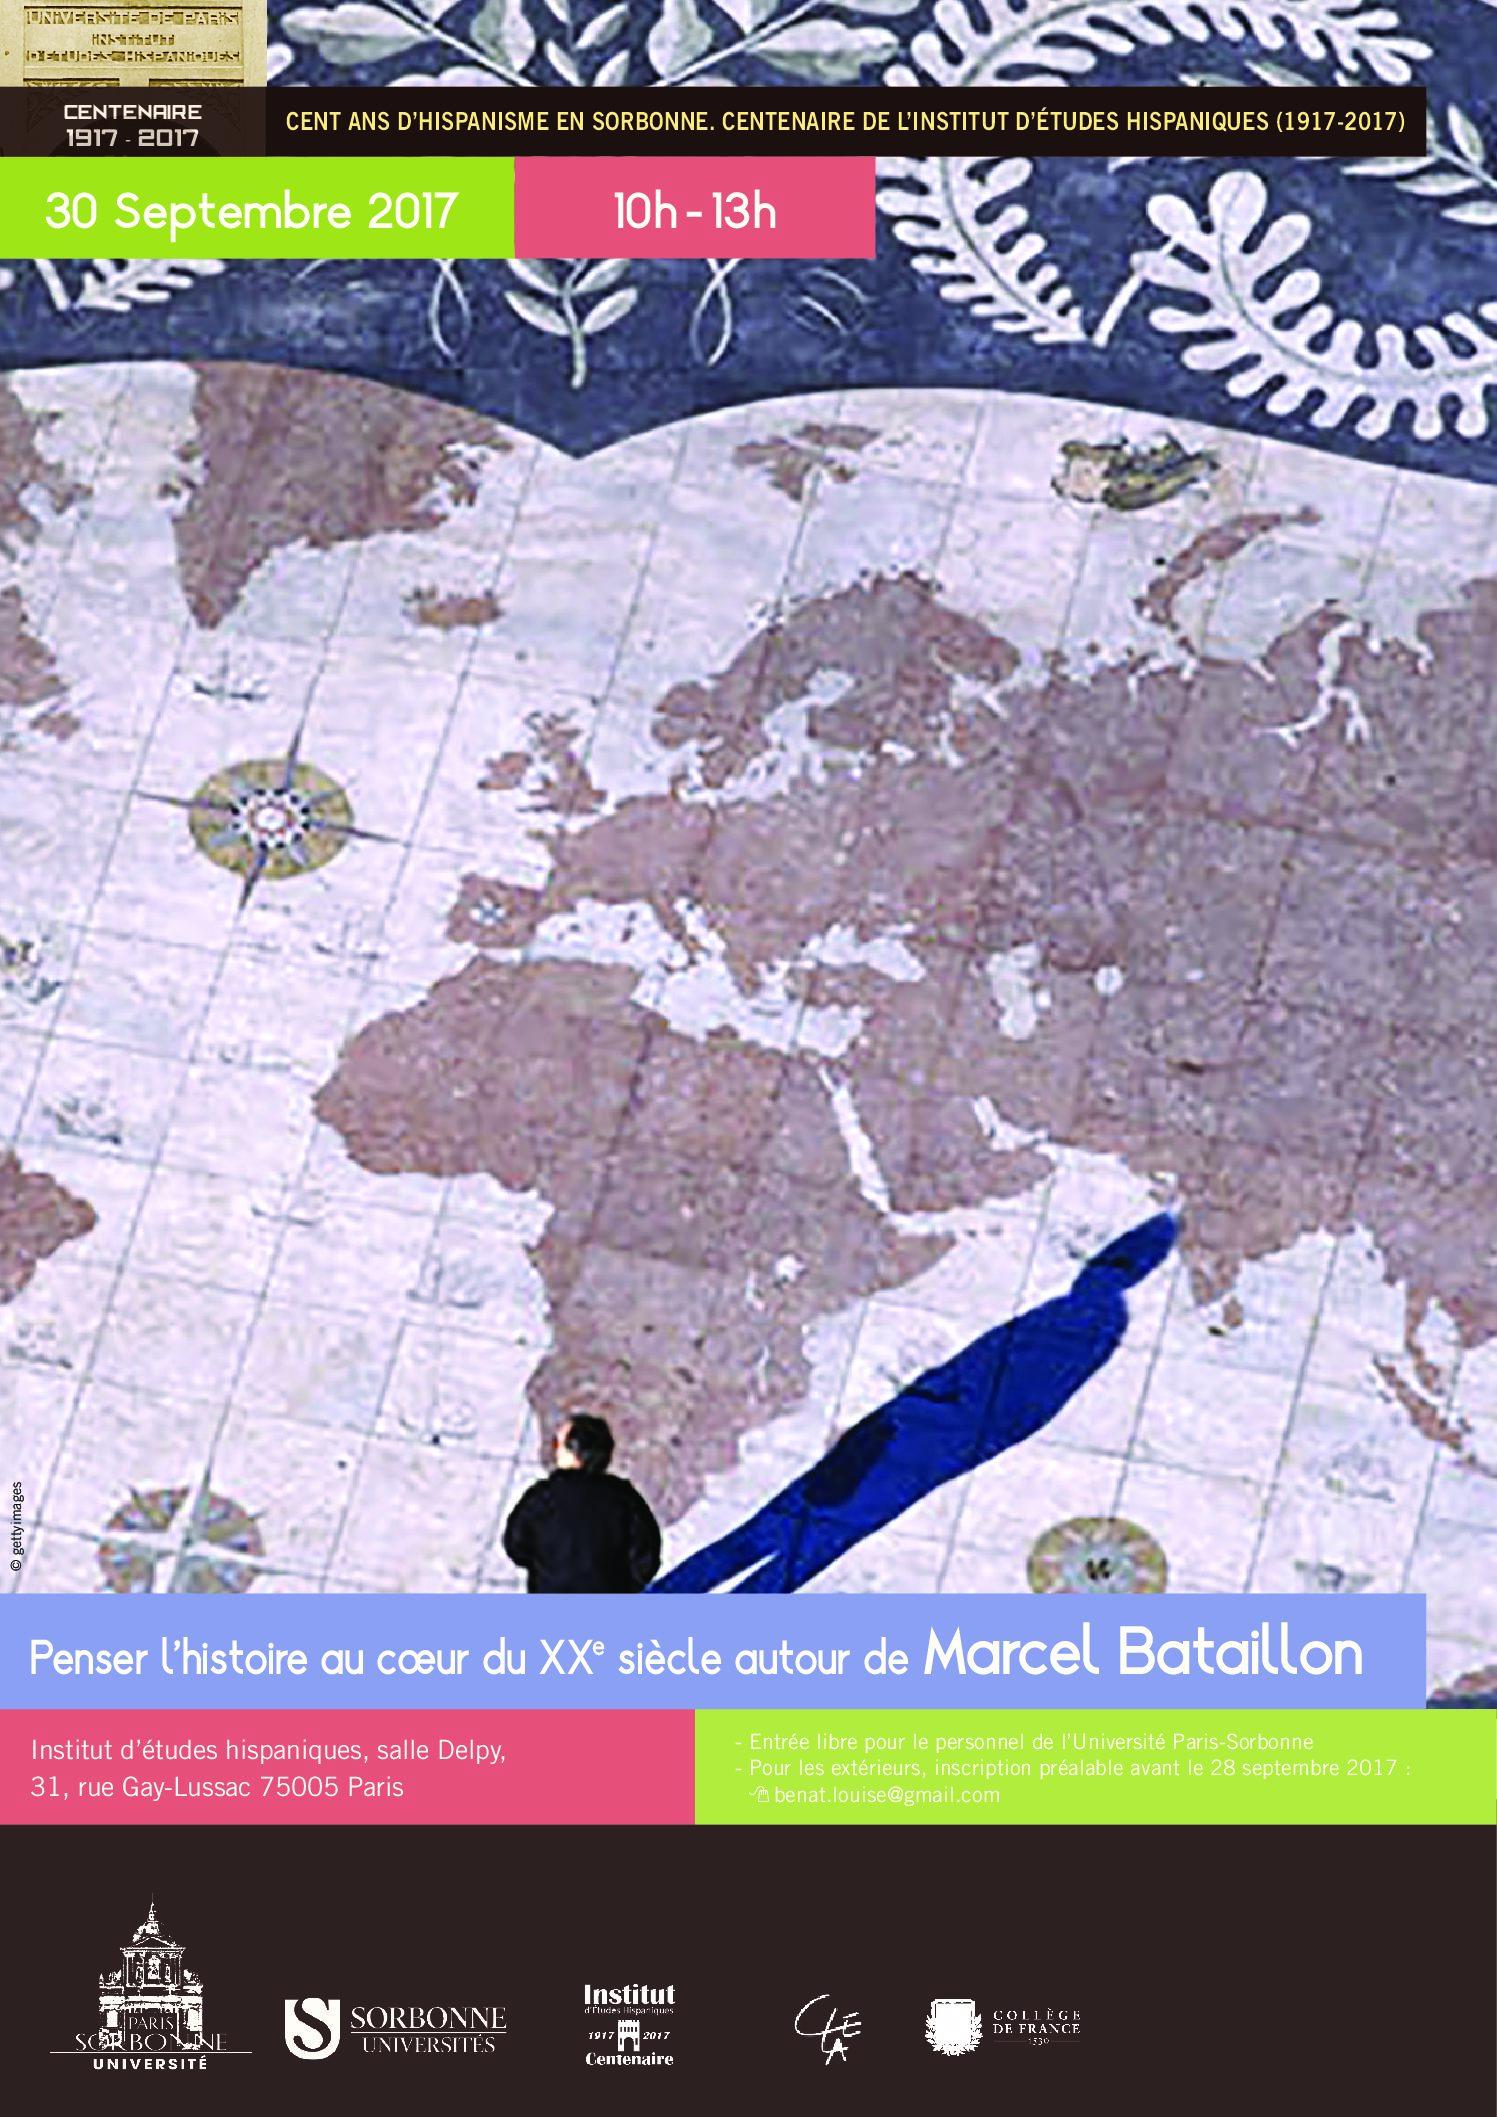 Penser l'histoire au cœur du XXeme siècle autour de Marcel Bataillon